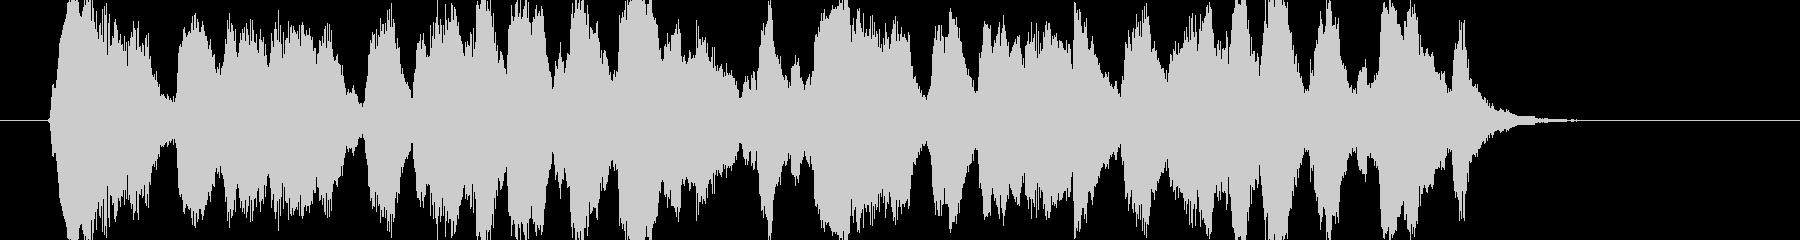 クラリネットの楽しげなジングルの未再生の波形